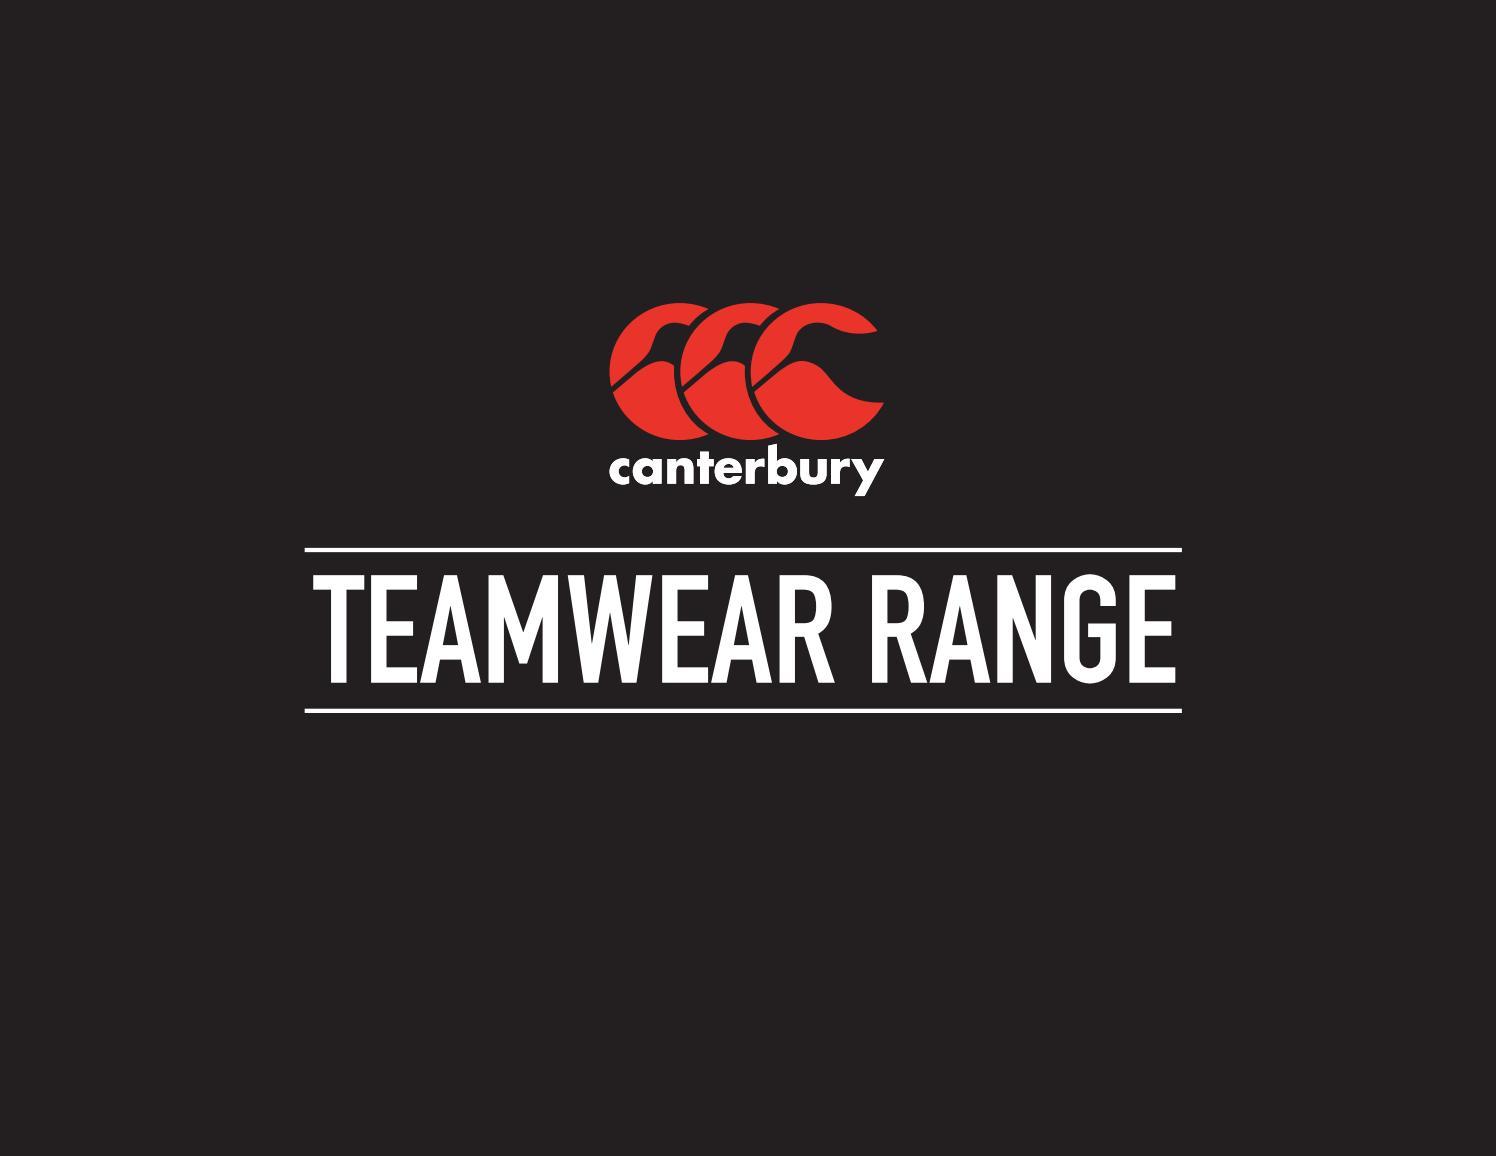 5db61f7201c Canterbury 2017 Core Teamwear Rugby by Campea - issuu